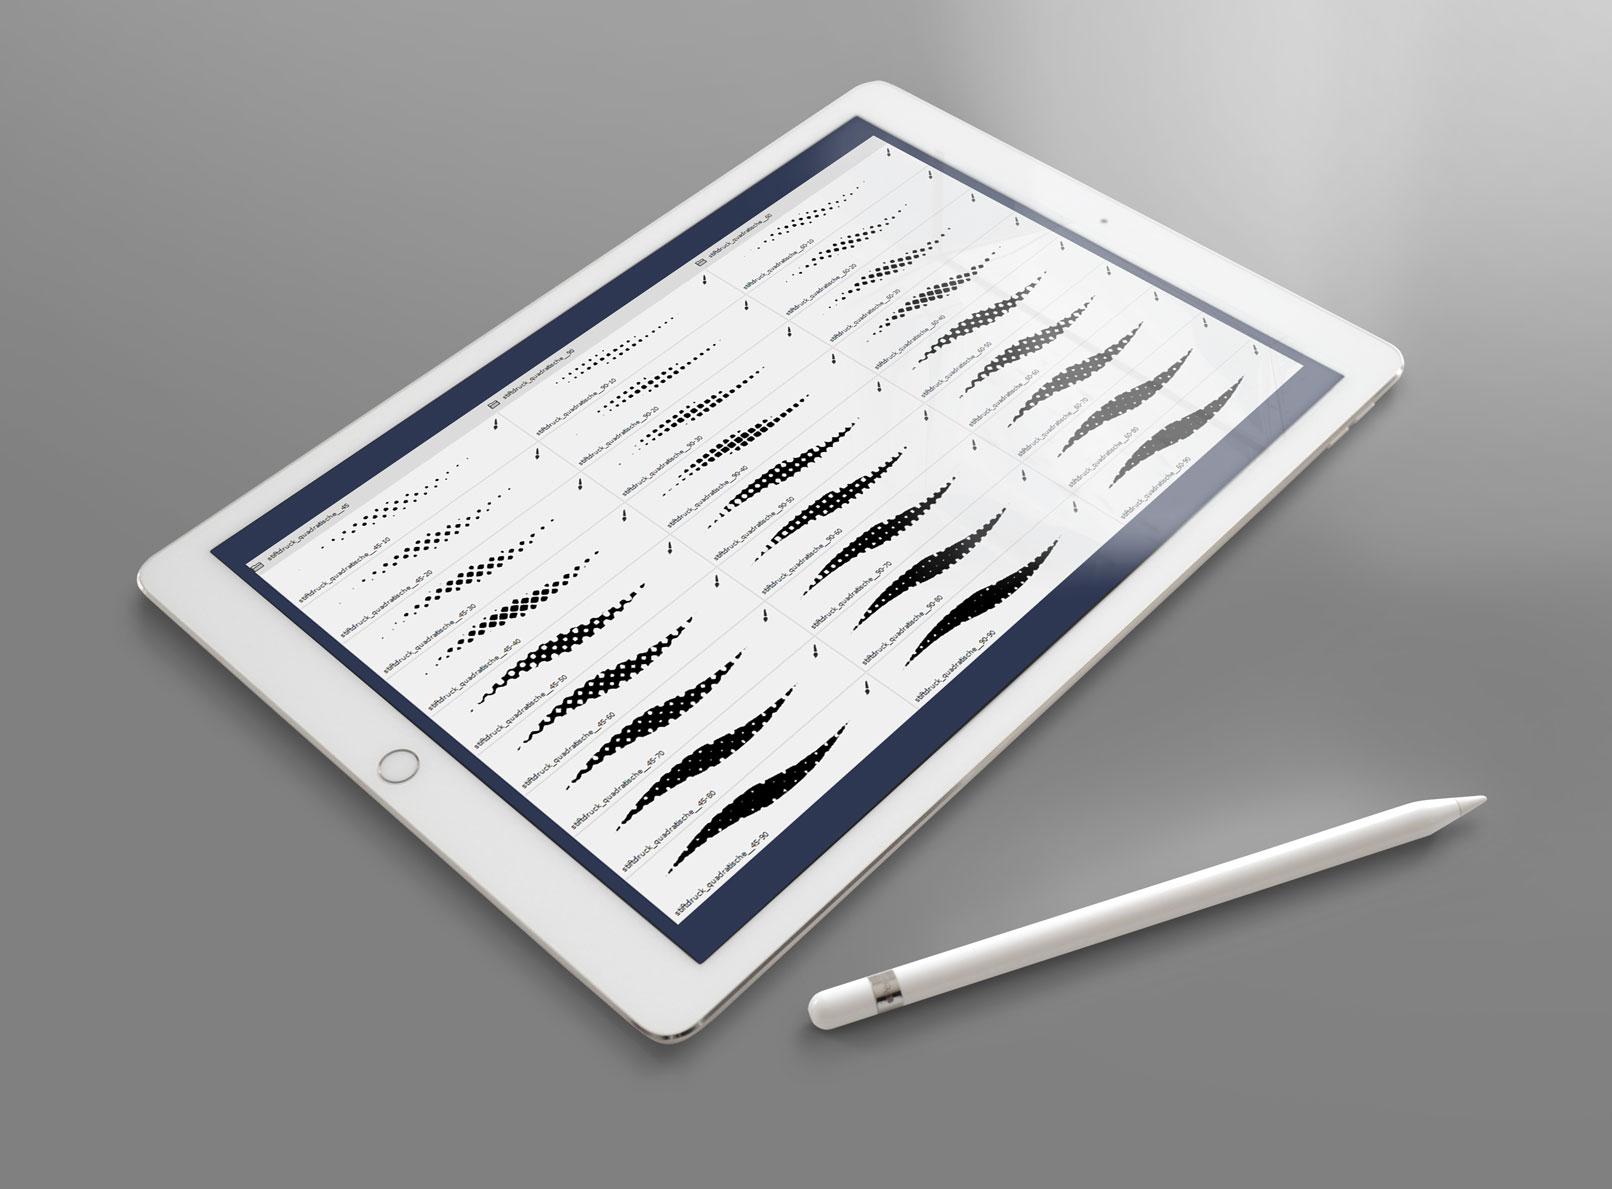 Pinsel für Halbtonraster, dargestellt auf einem Tablet, daneben liegt ein Eingabestift